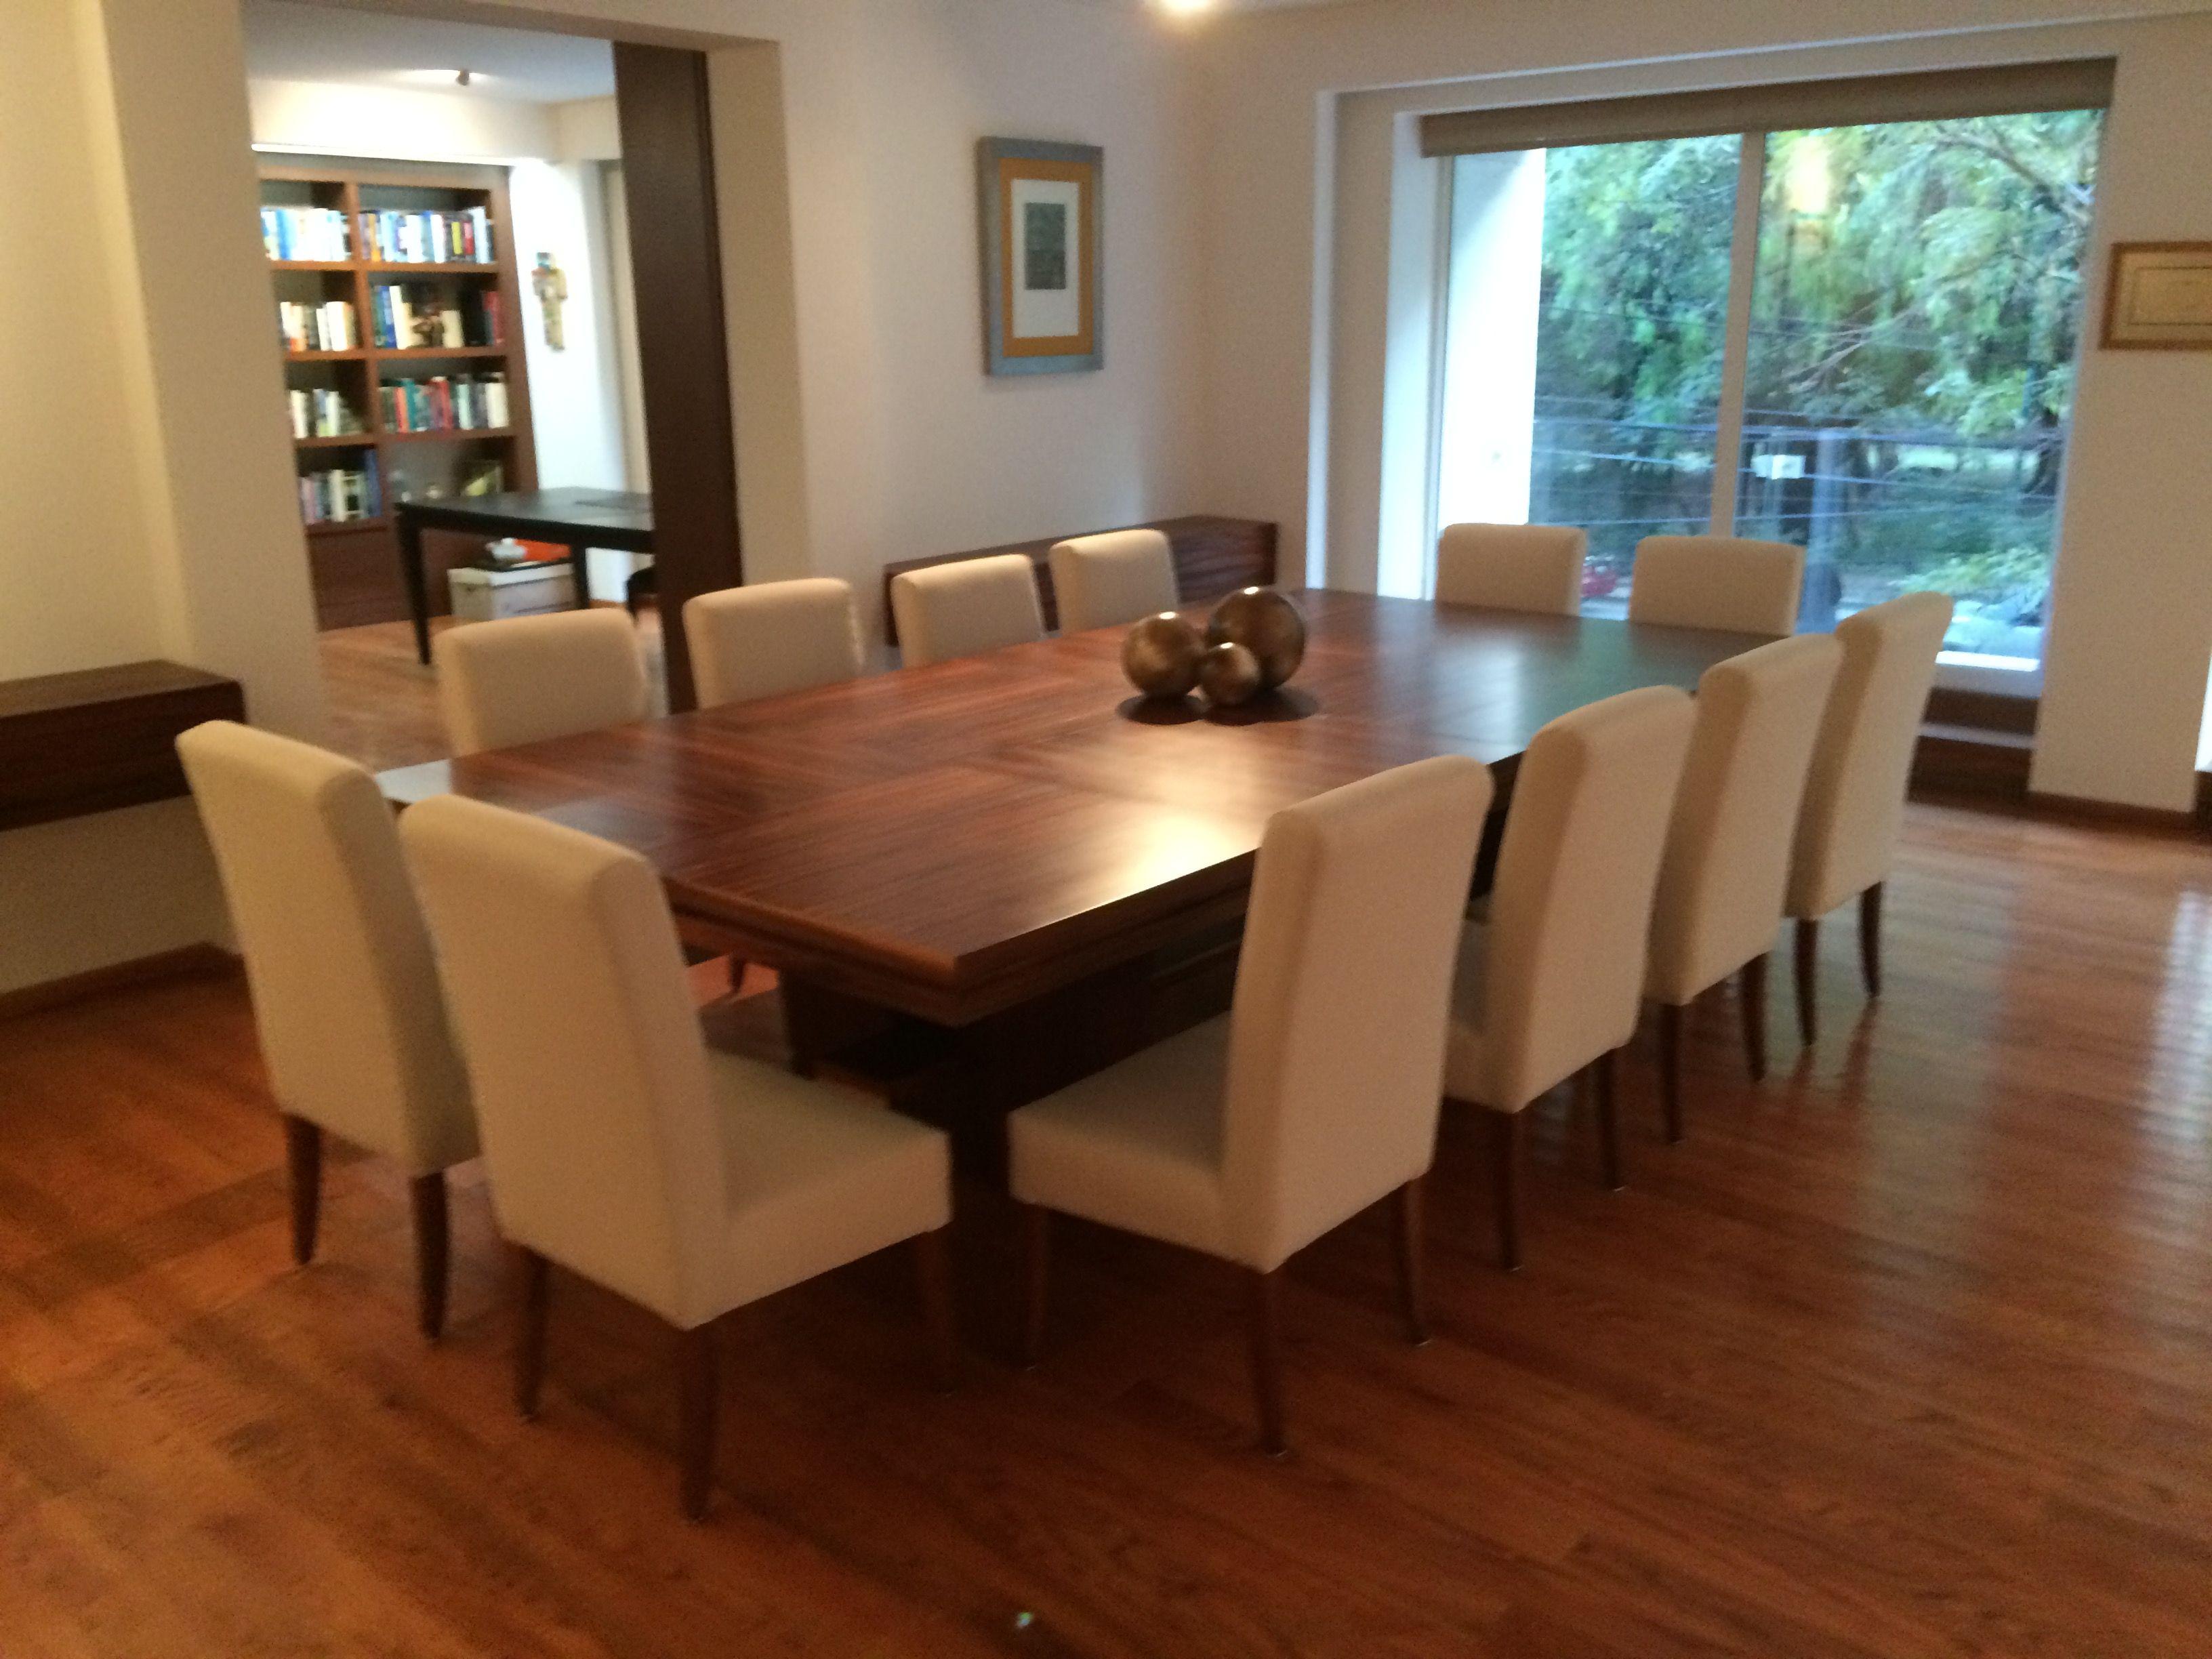 Las sillas de este comedor tapizadas en su totalidad for Comedores minimalistas de madera